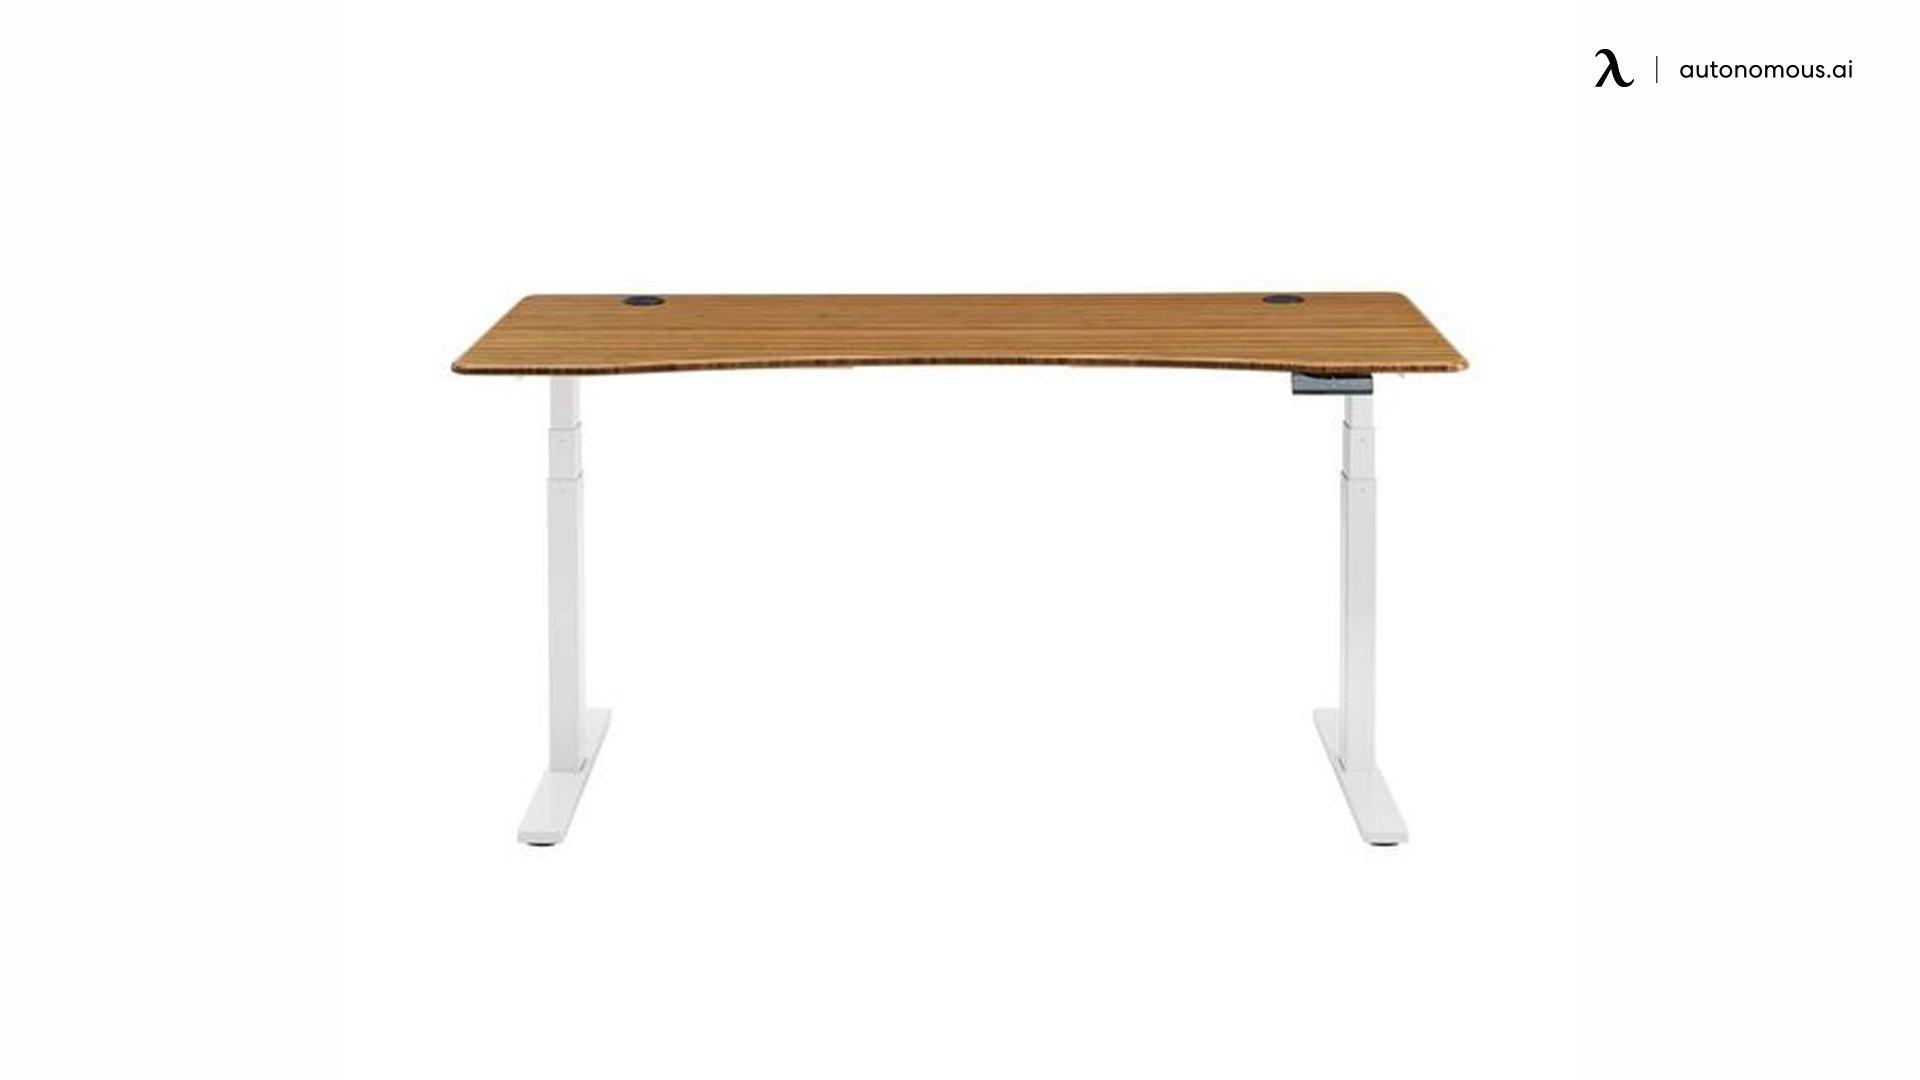 Ascent Hi-lo Height Adjustable Desk